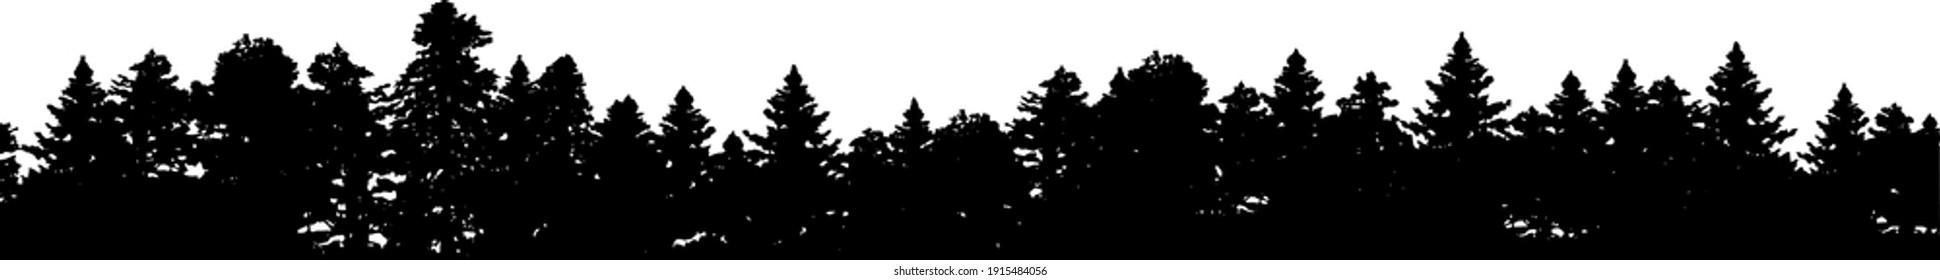 Forest silhouette - border, vector EPS 10 illustration.